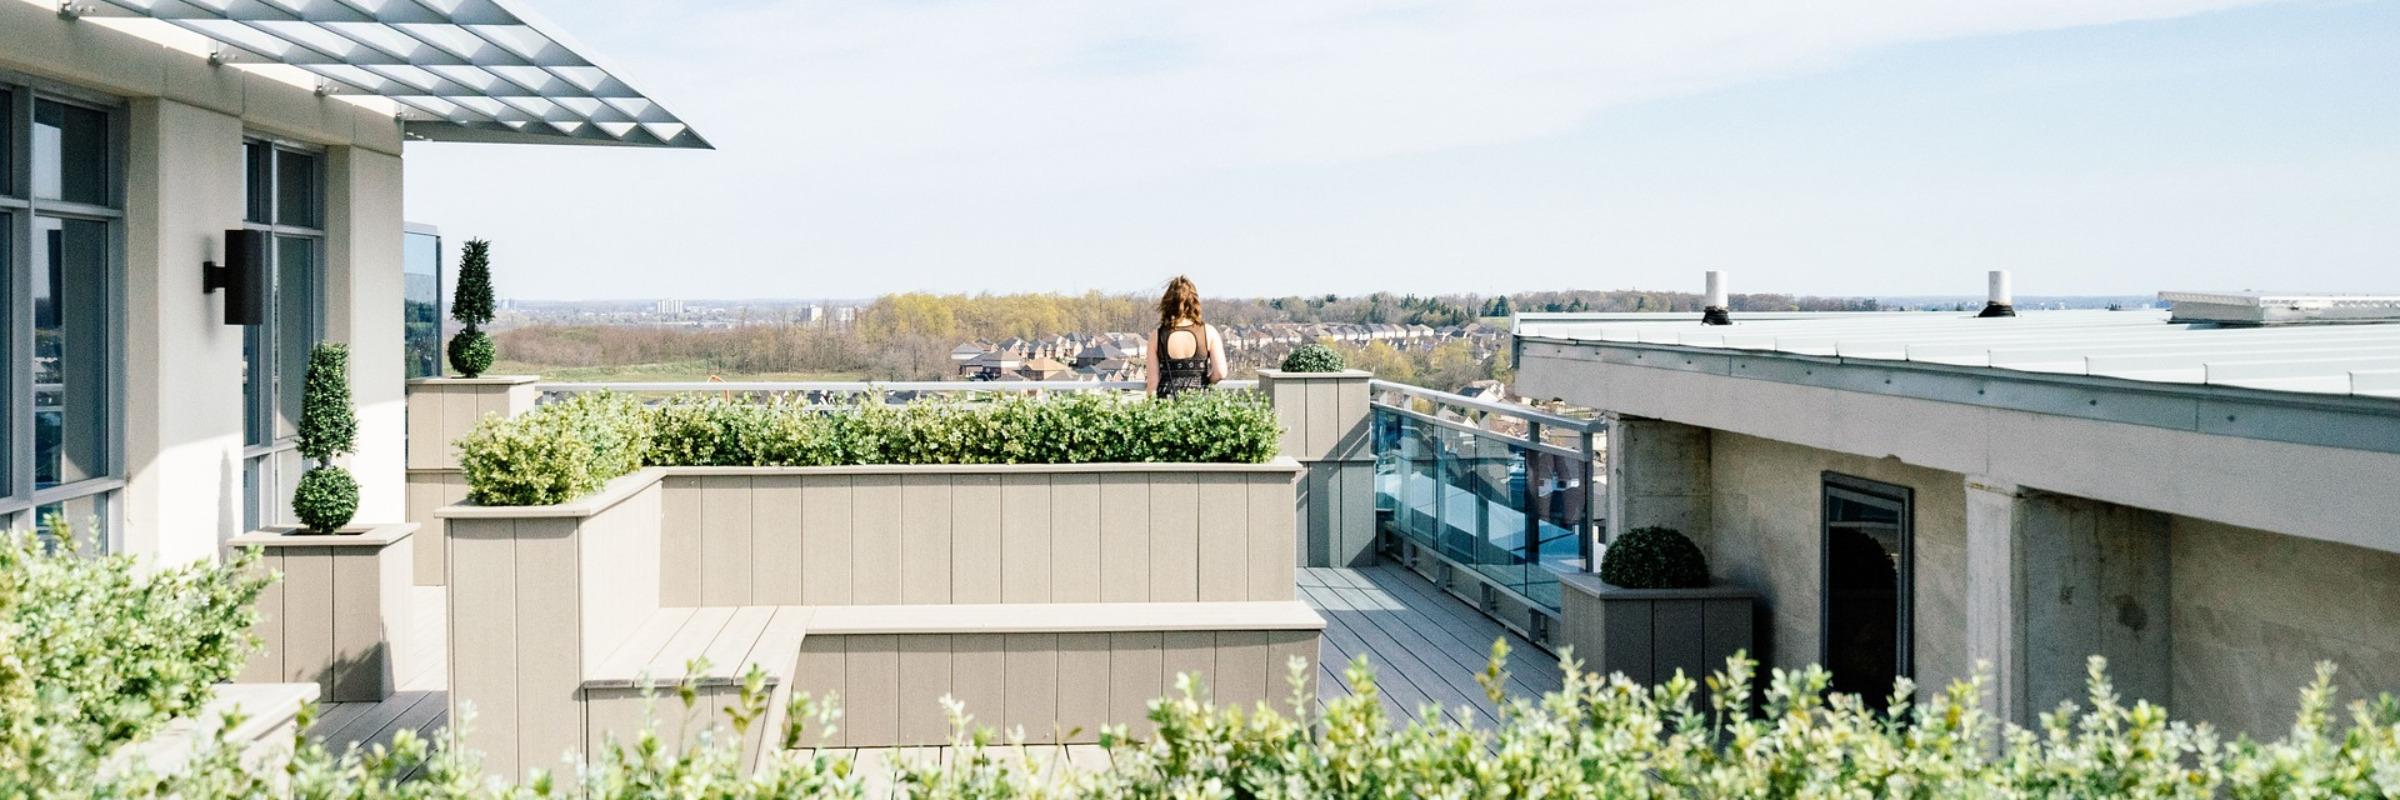 Urban Gardening Dehner